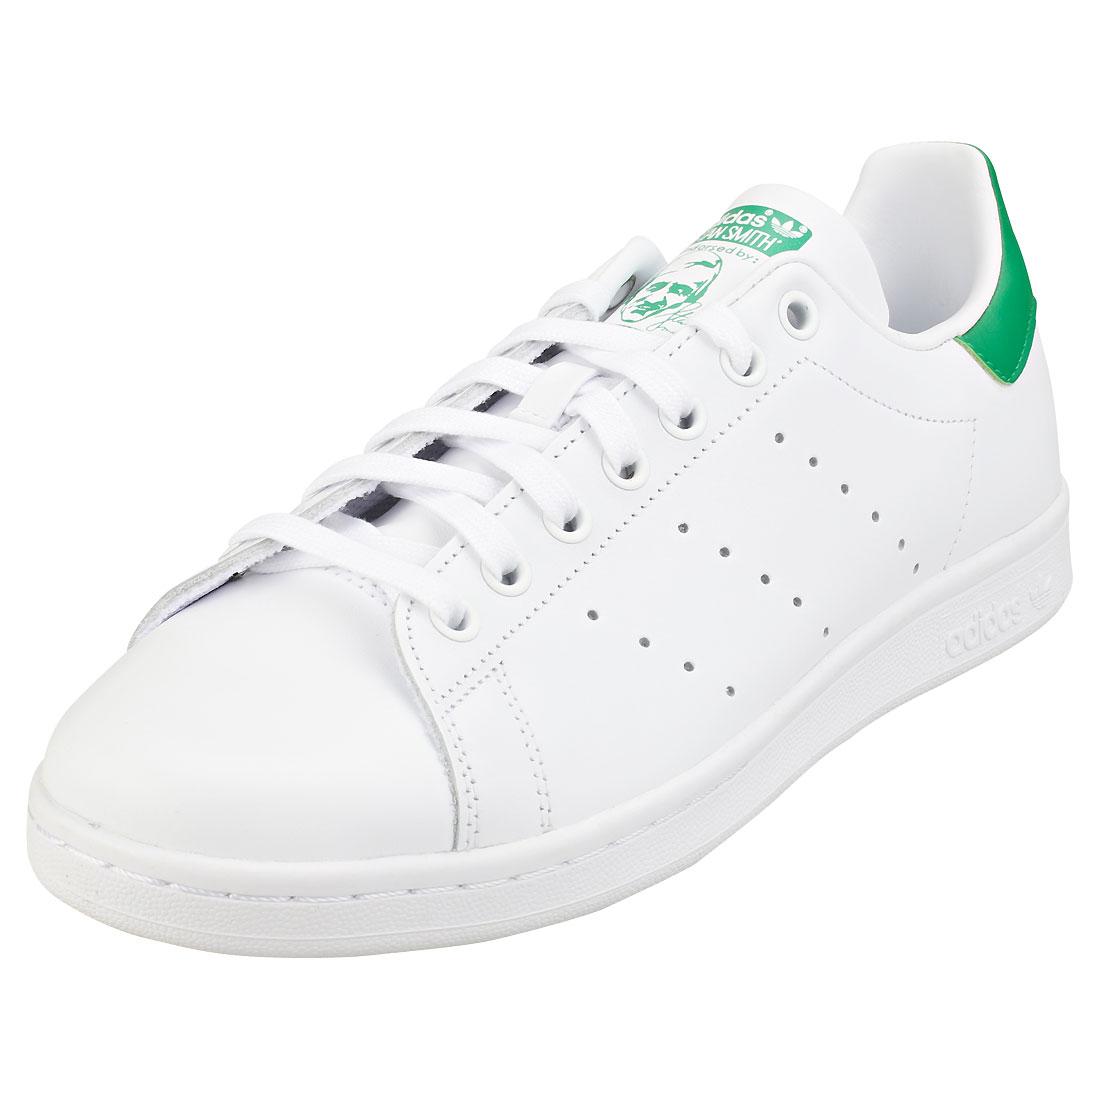 adidas Stan Smith Damenschuhe WEISS Green Pelle Schuhe da Ginnastica - 7 UK